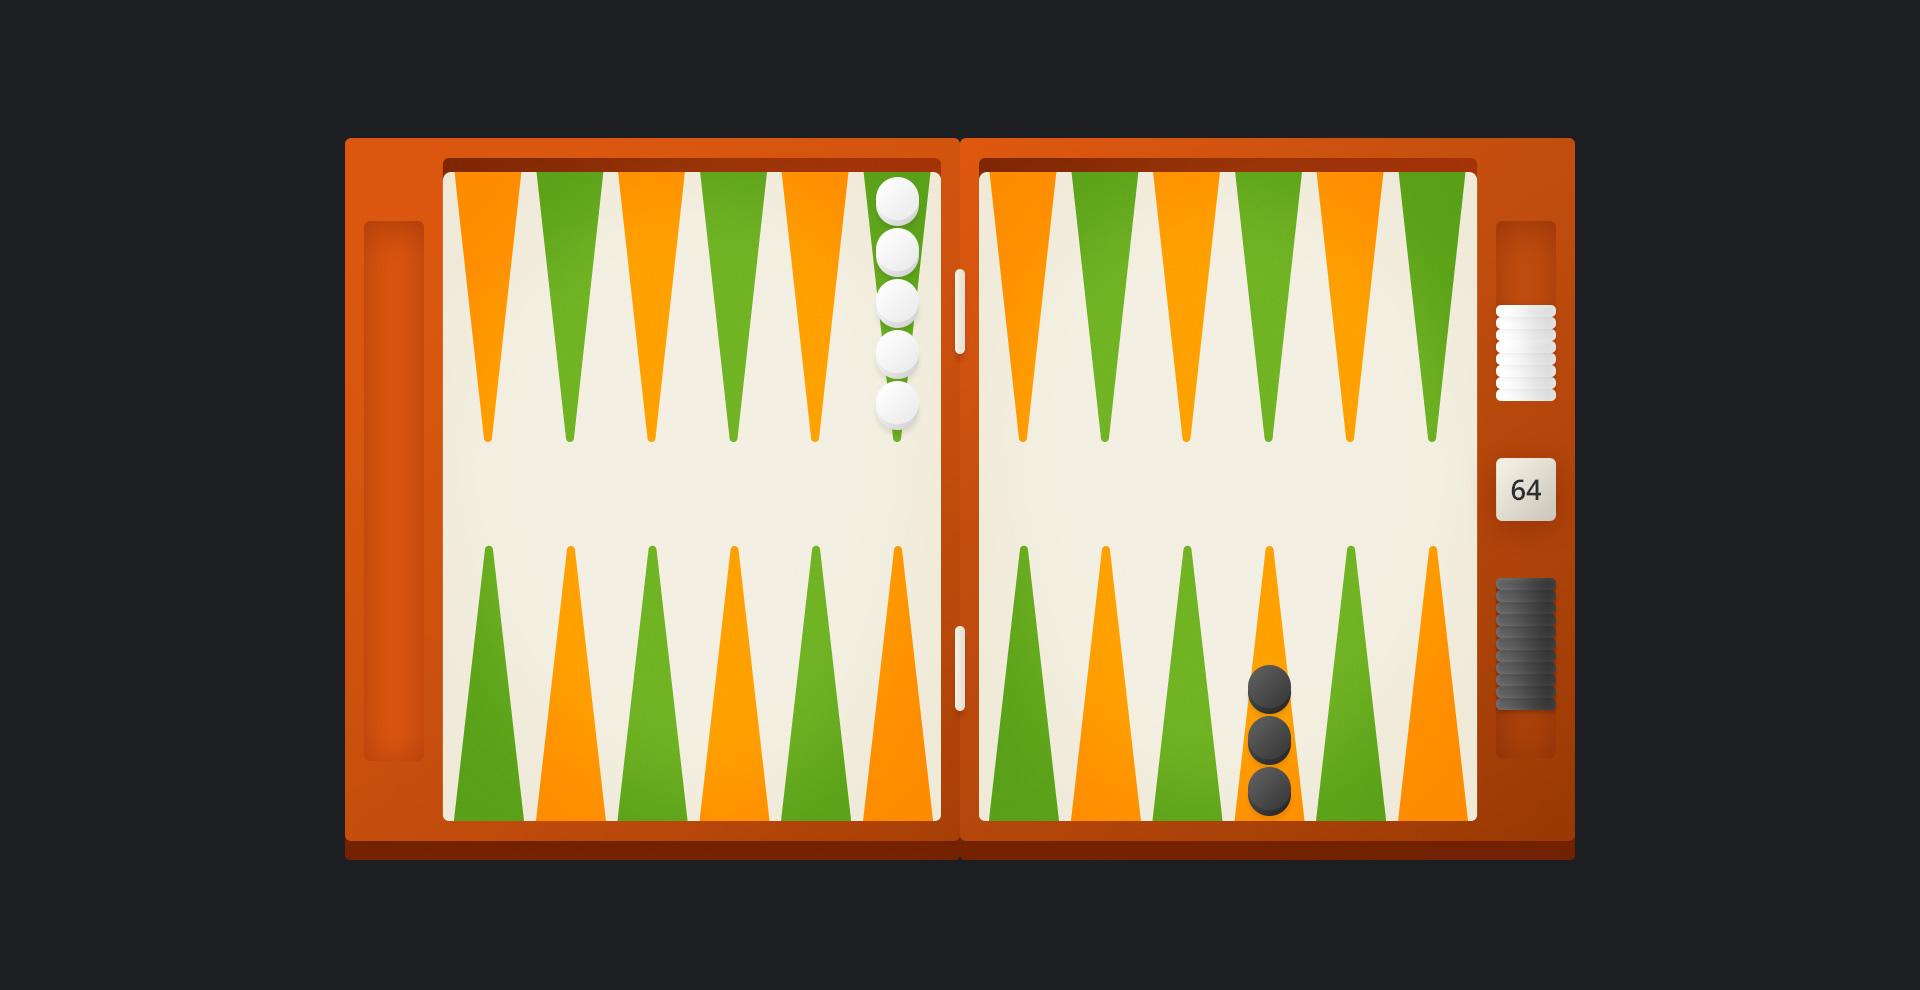 Веб дизайнер игровых сайтов фото f_8435dc3cebba6f0a.jpg